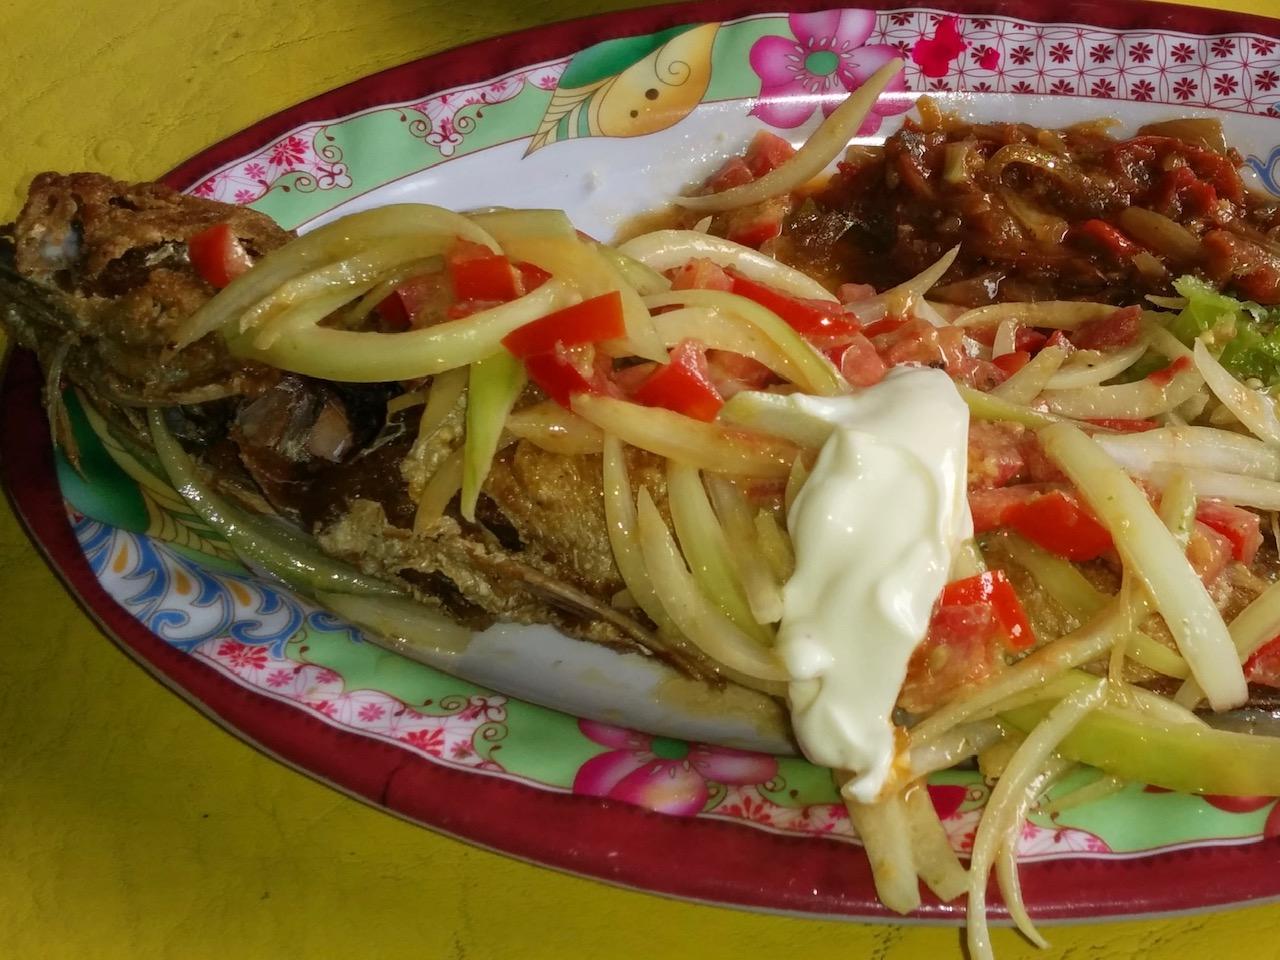 La recette du poisson frit d'An Ba Tol La